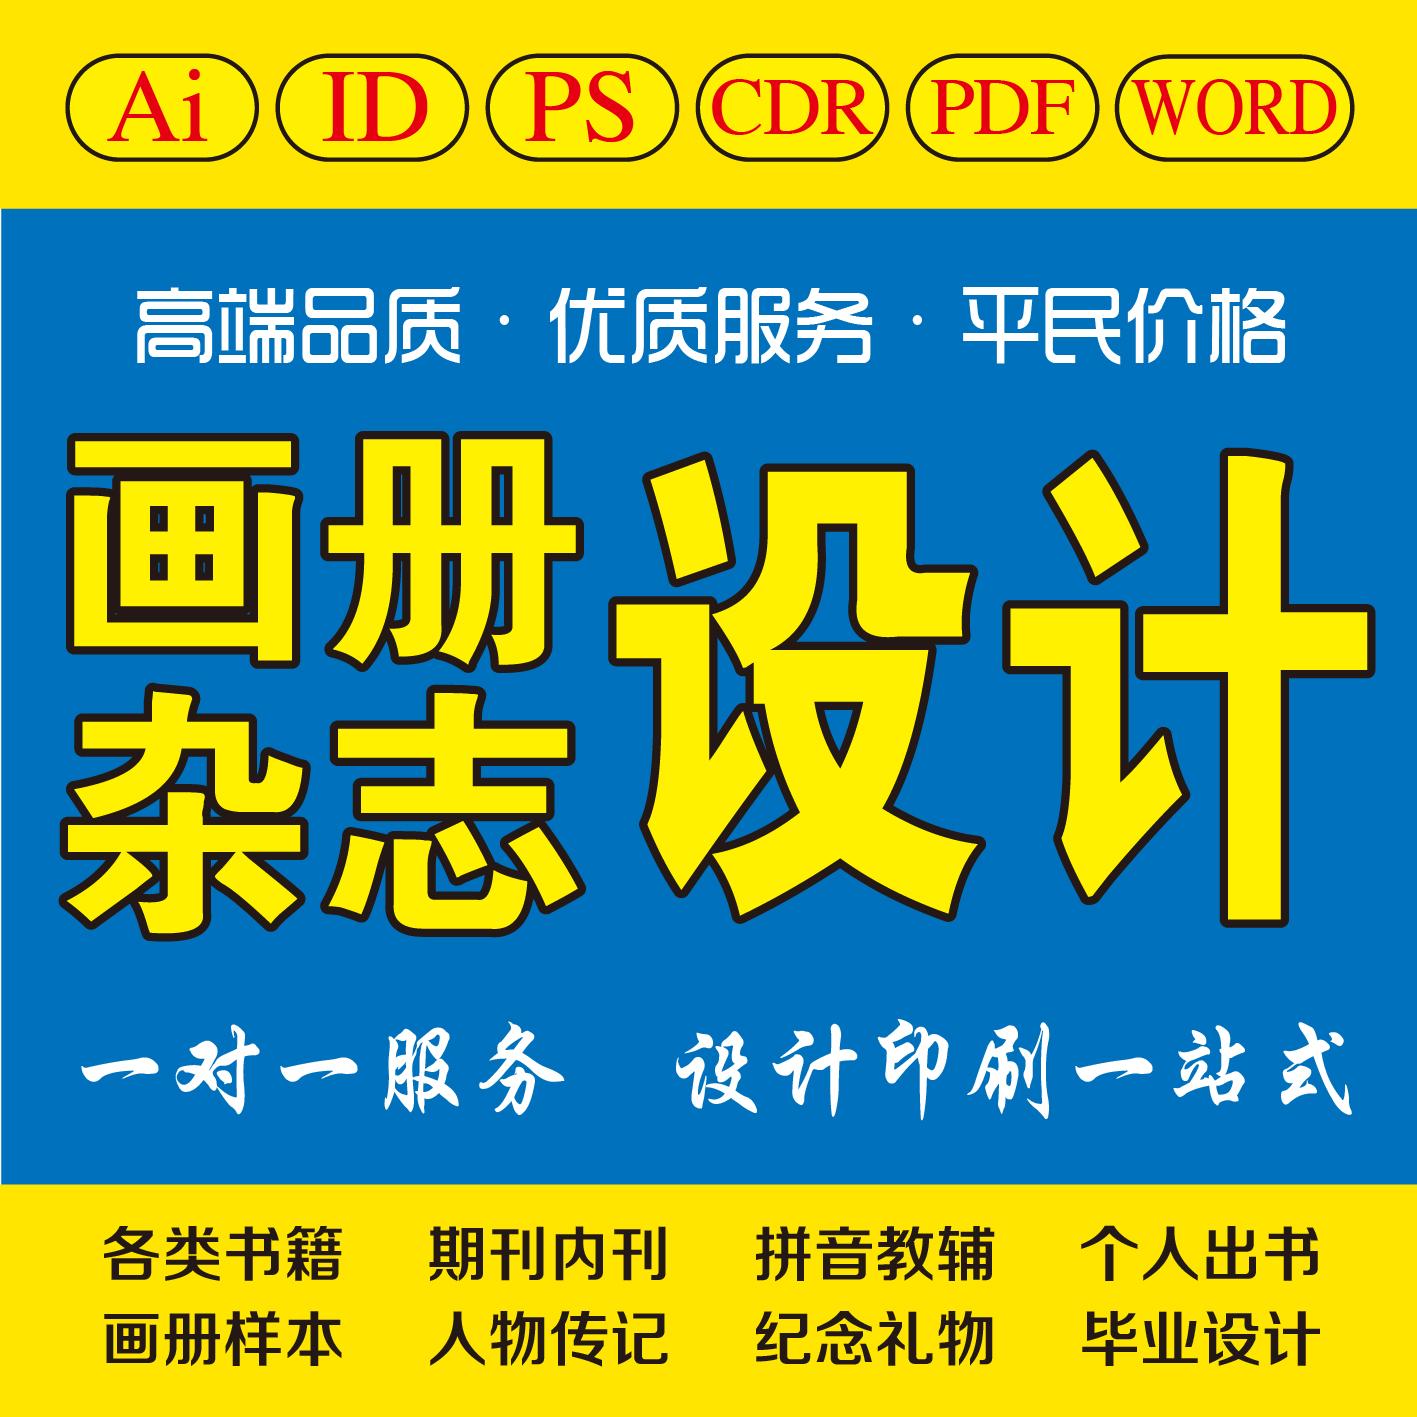 企业公司纪念册报纸画册杂志海报图书书籍平面设计手绘期刊自传